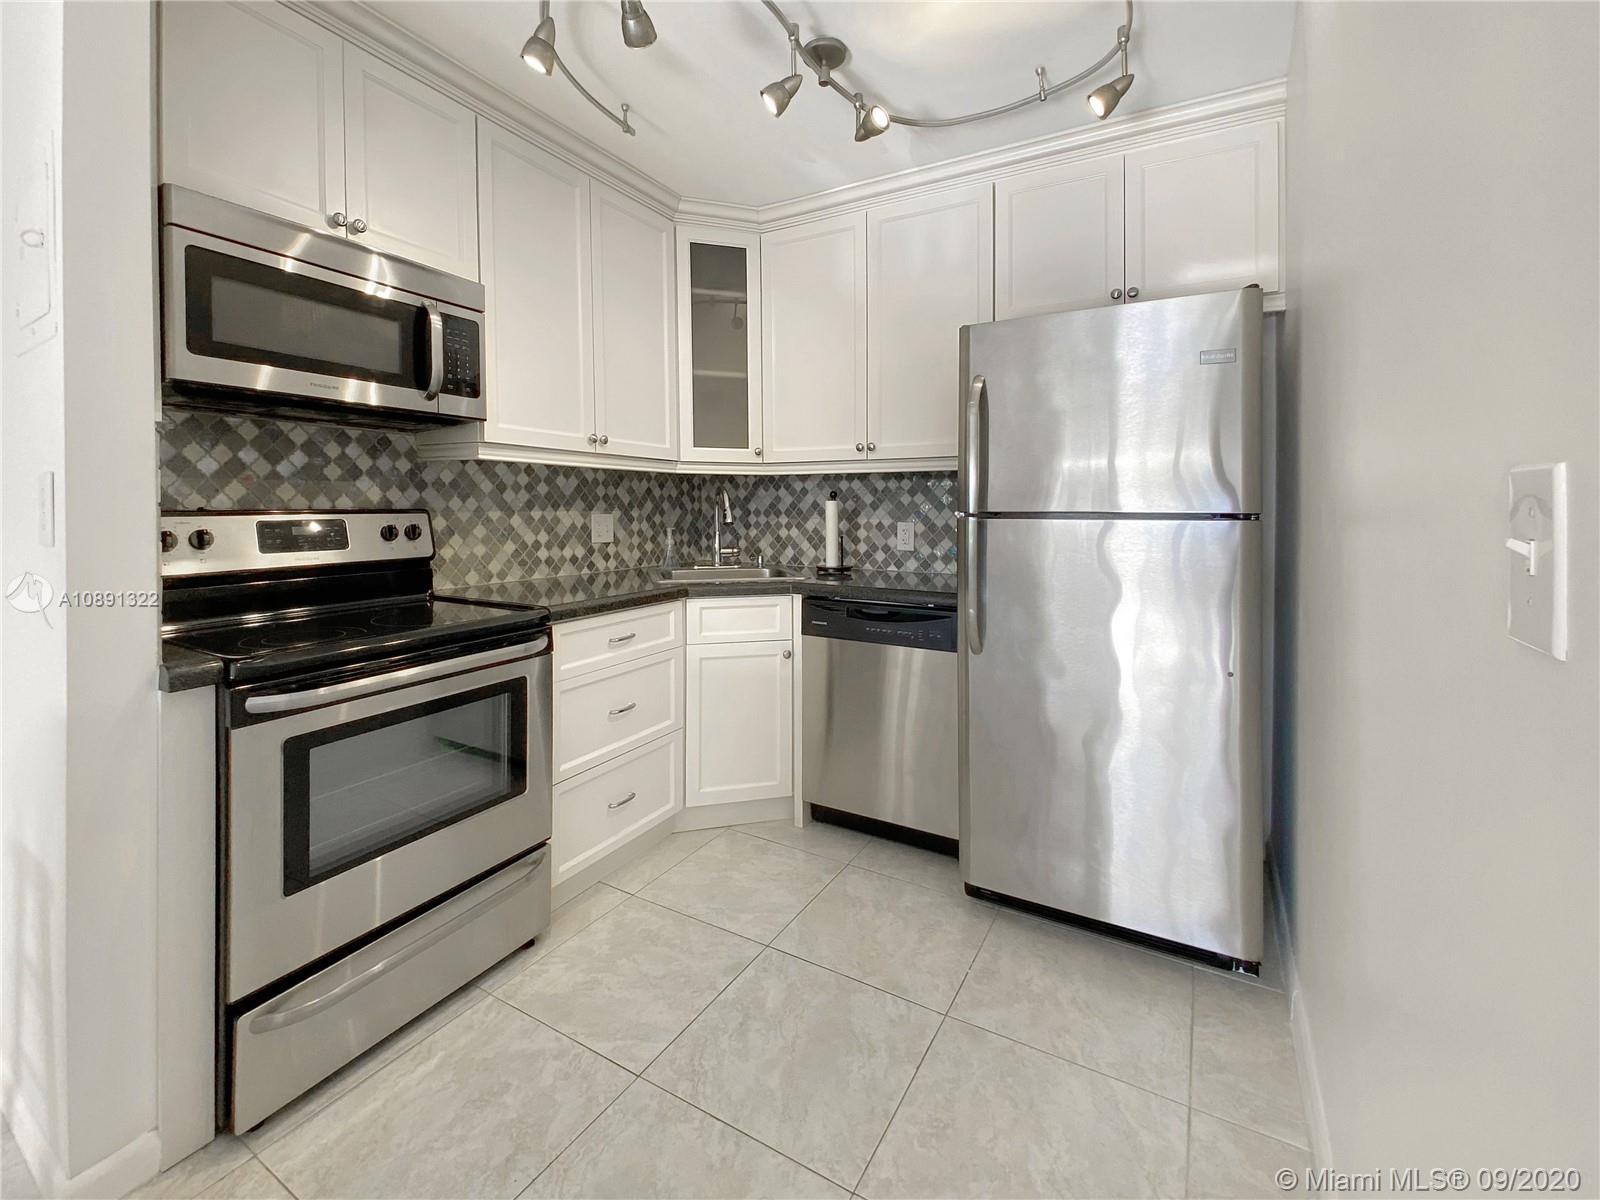 1770 E Las Olas Blvd #307 For Sale A10891322, FL